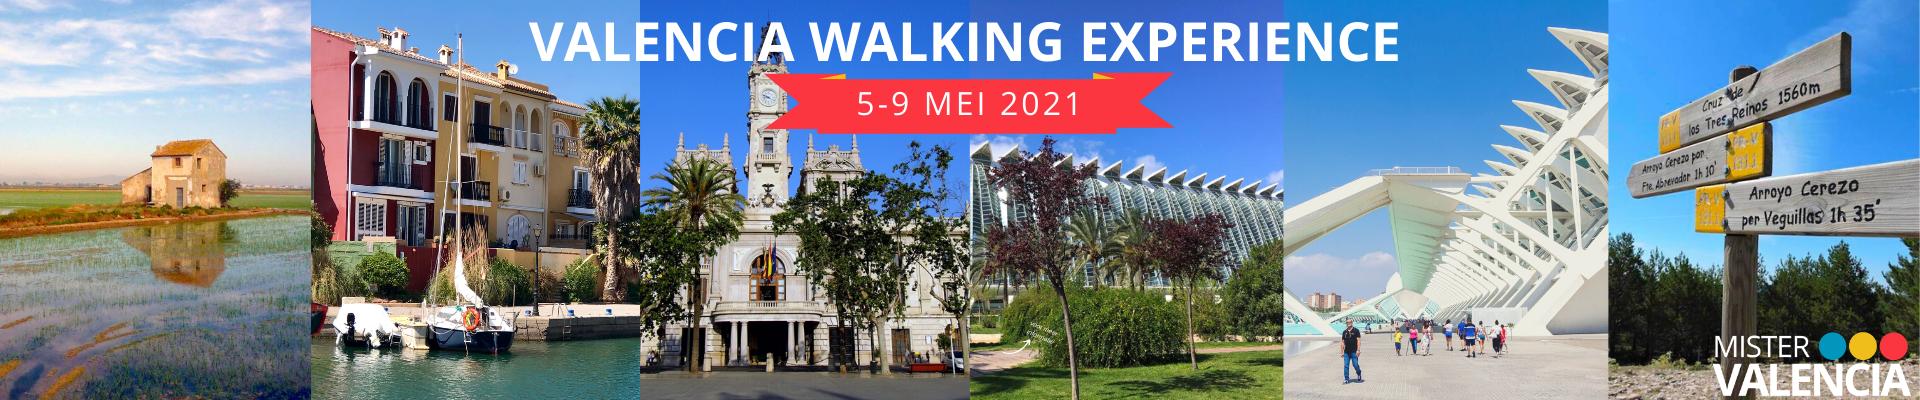 Valencia Walking Experience Mei 2021